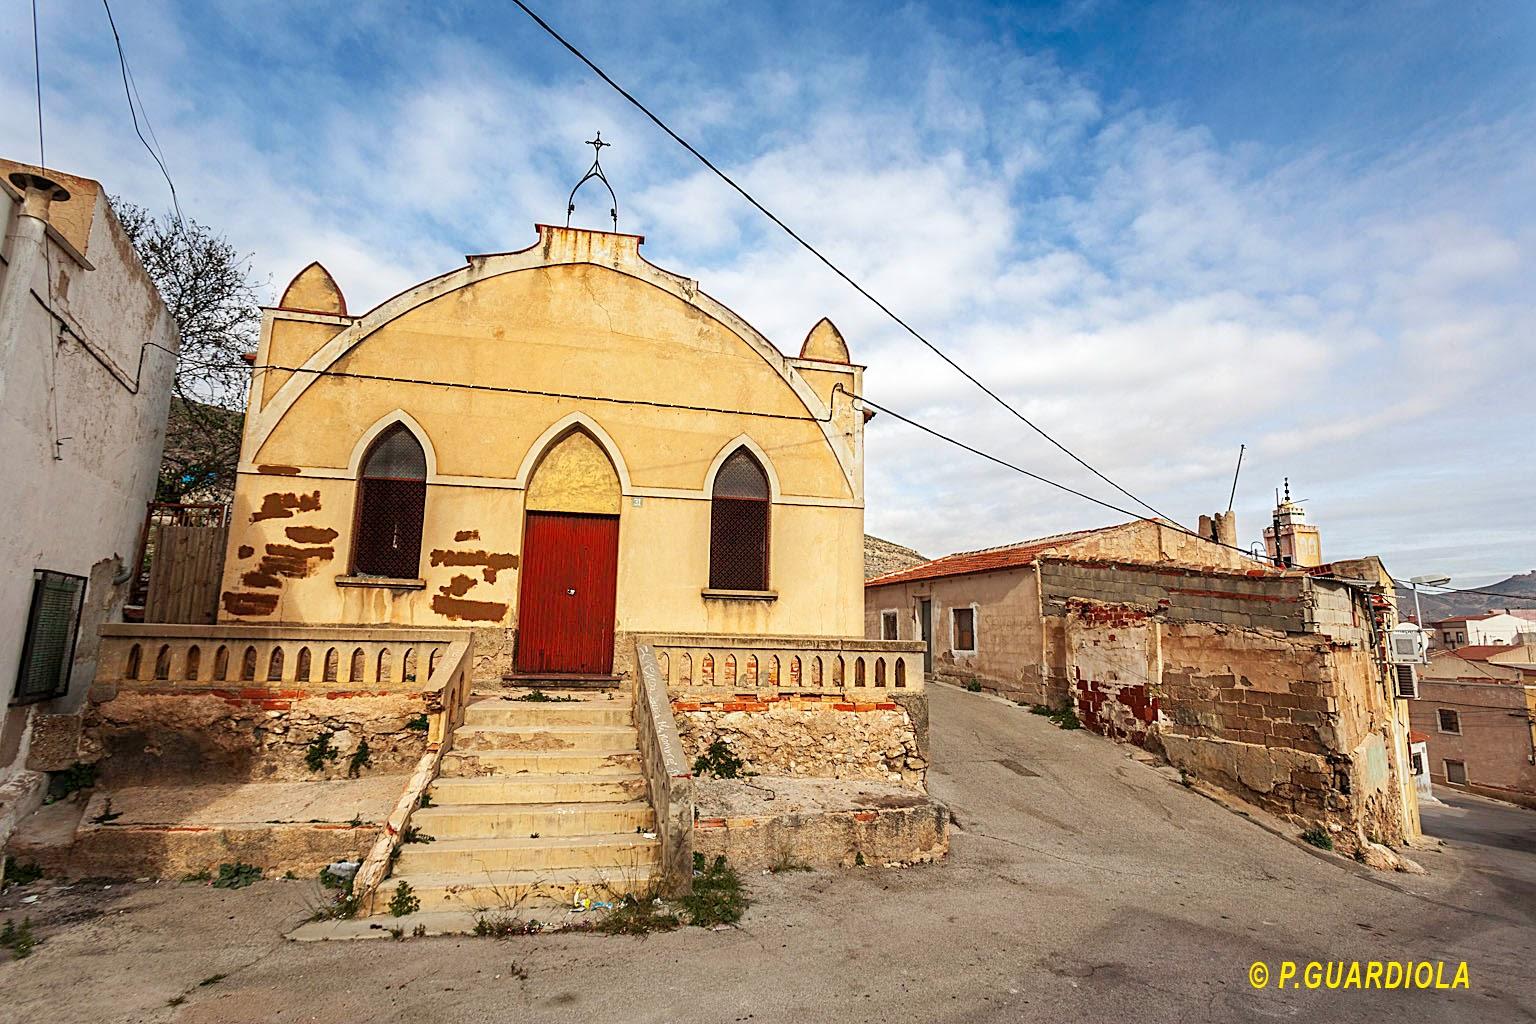 Sobre la casa en ruinas aparece el minarete de la mezquita